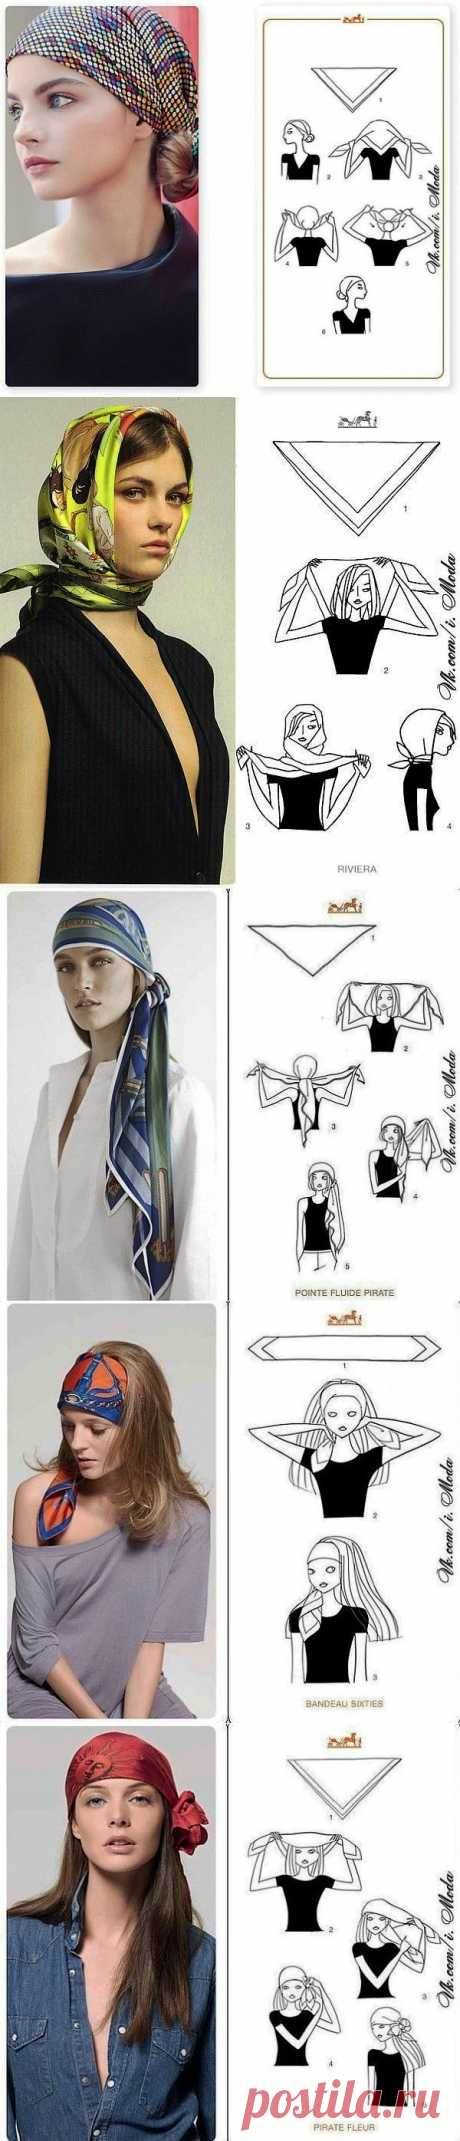 (+1) сообщ - 6 стильных способов завязать платок | КРАСОТА